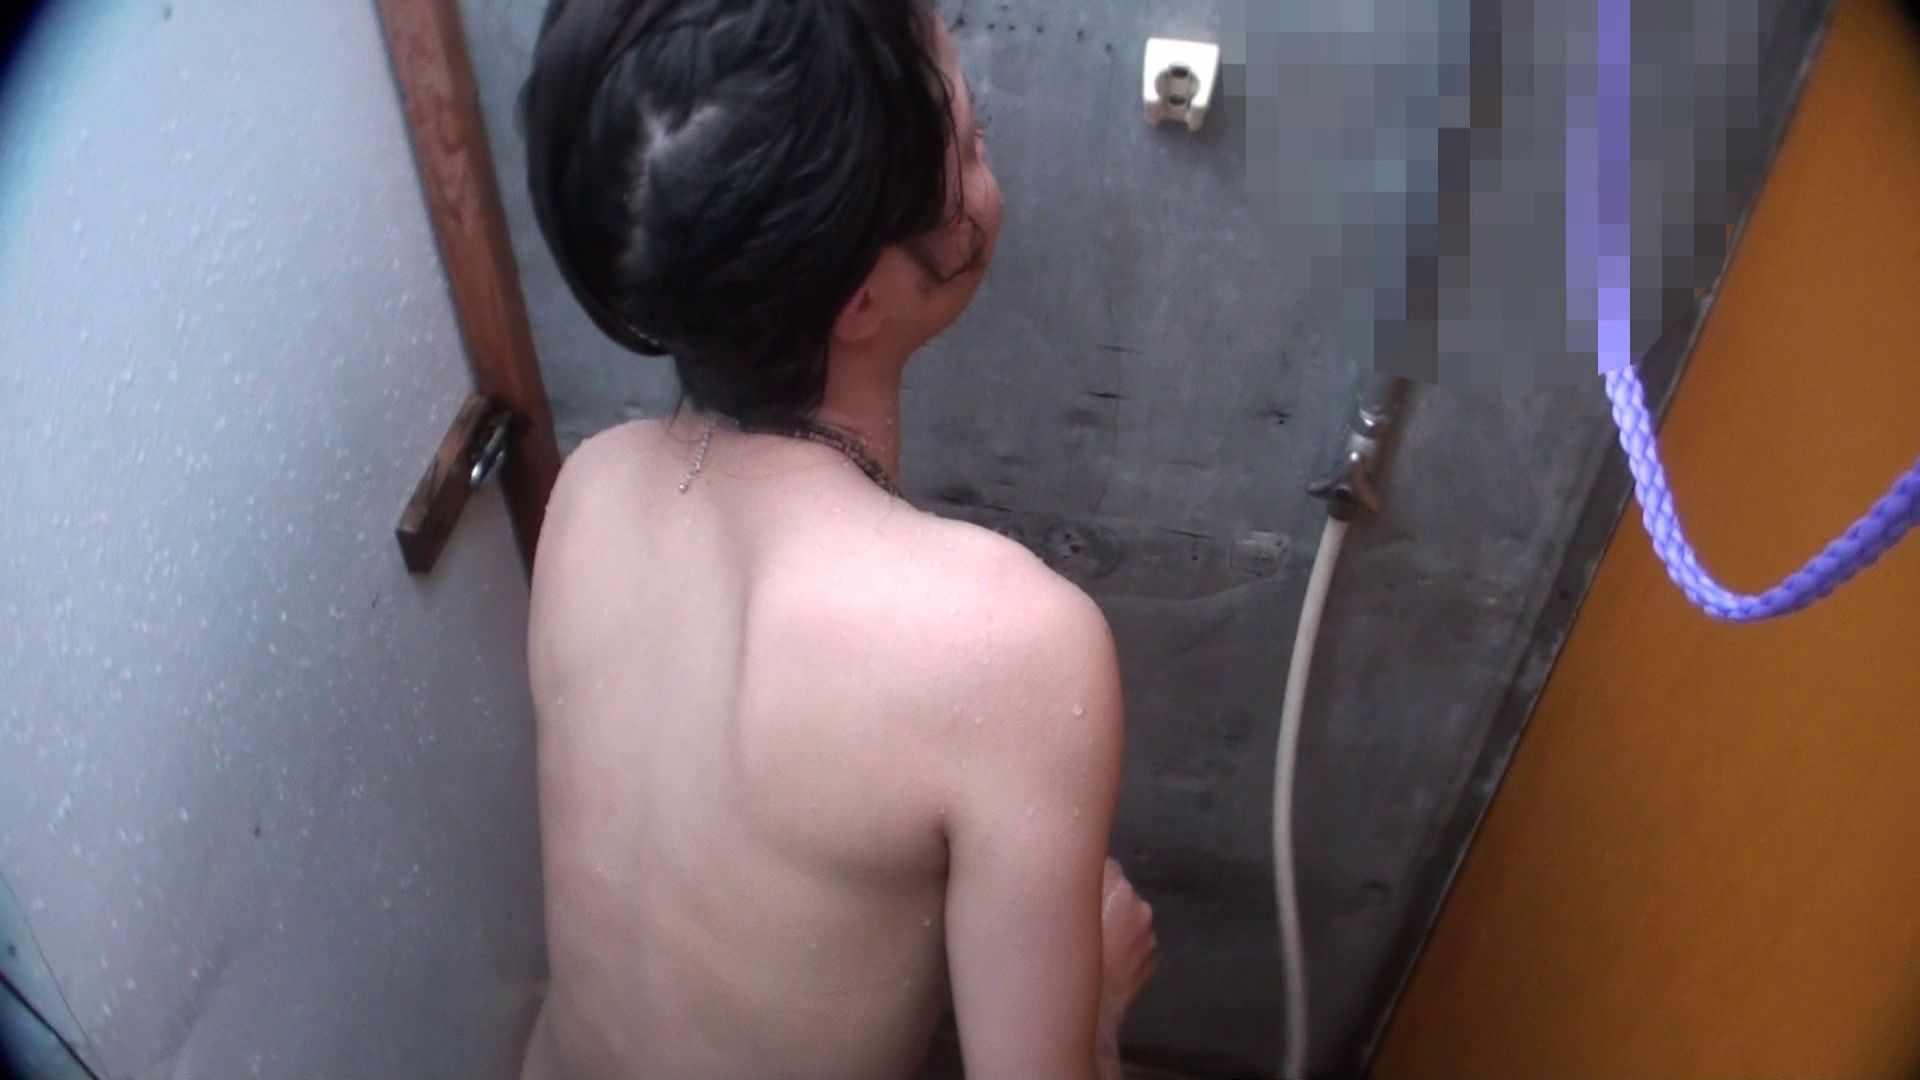 シャワールームは超!!危険な香りVol.21 オメメぱっちり貧乳ギャル鼻くそほじっても可愛いです 0   0  94画像 41